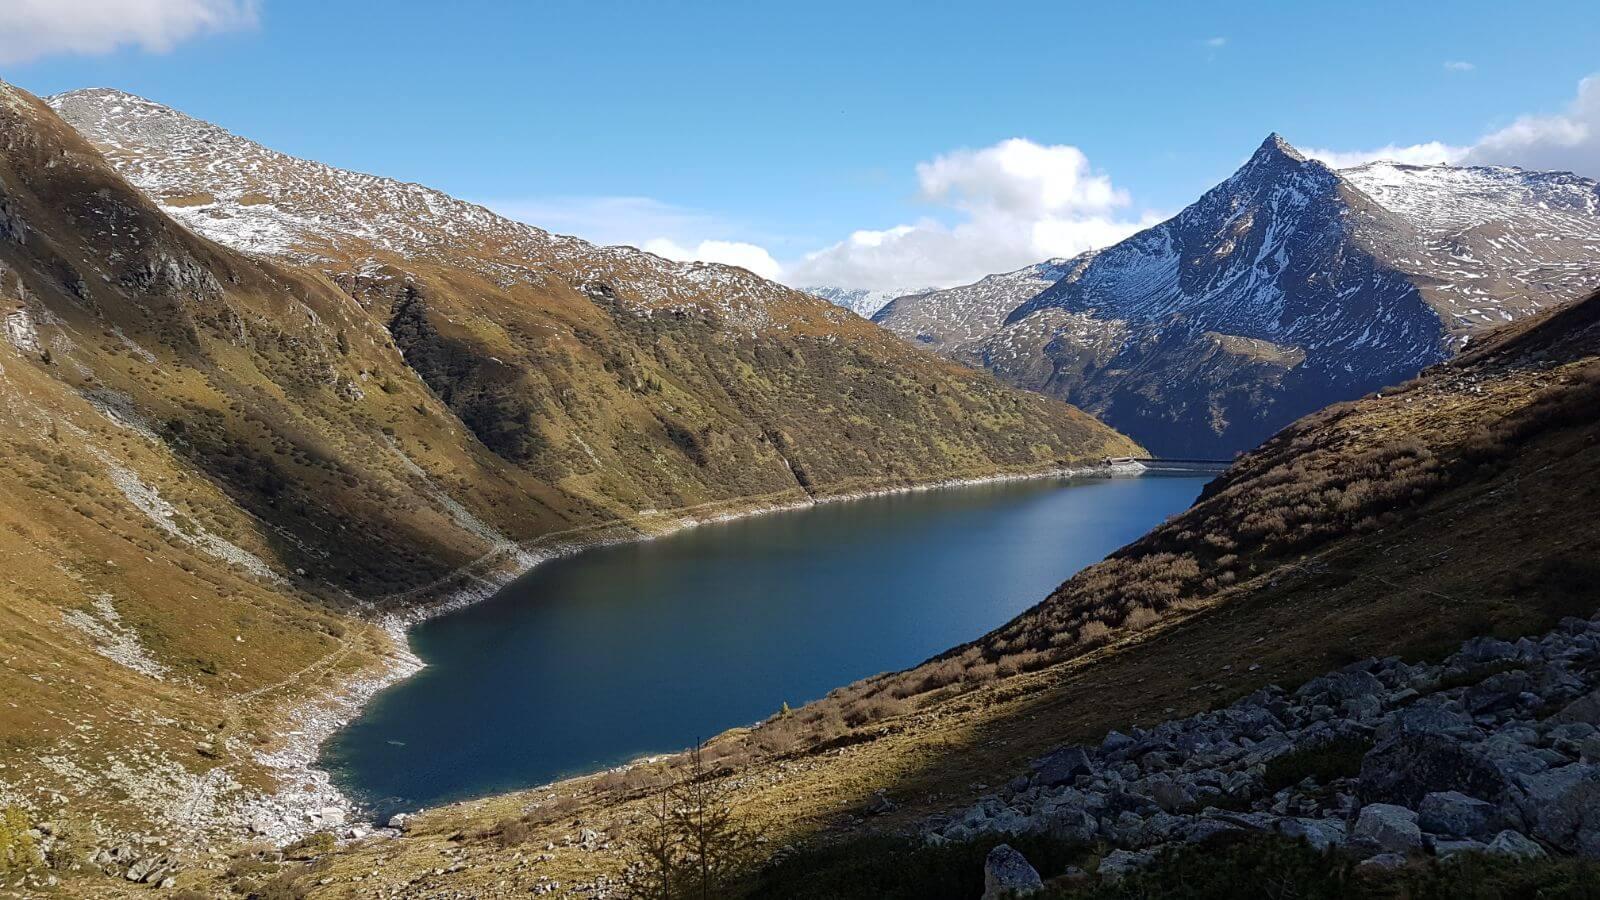 Wanderung auf die Kolmkarspitze in Bad Gastein